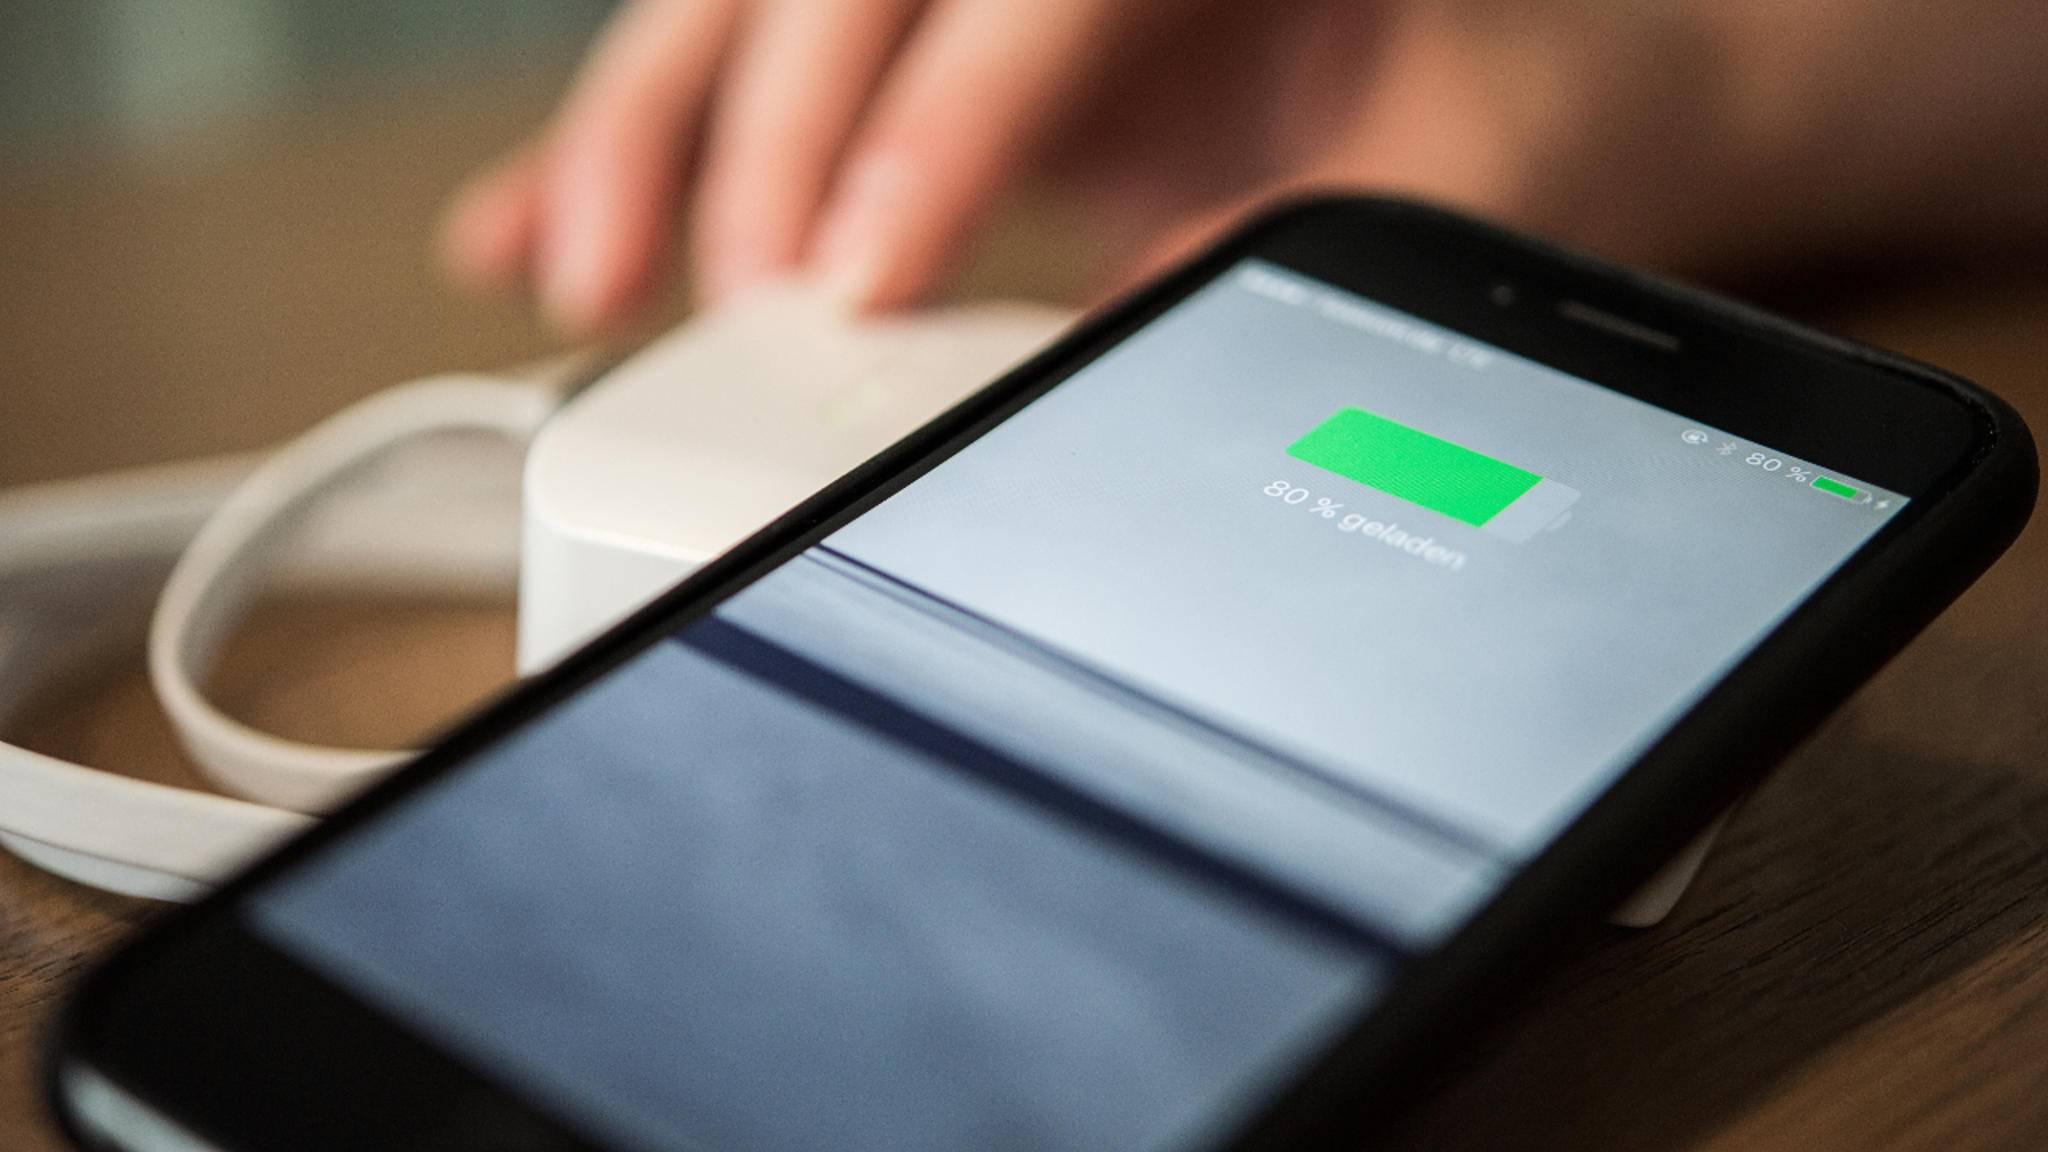 Das Akkutausch-Programm könnte für Apple teuer werden und die iPhone-Verkaufe 2018 dramatisch drücken.